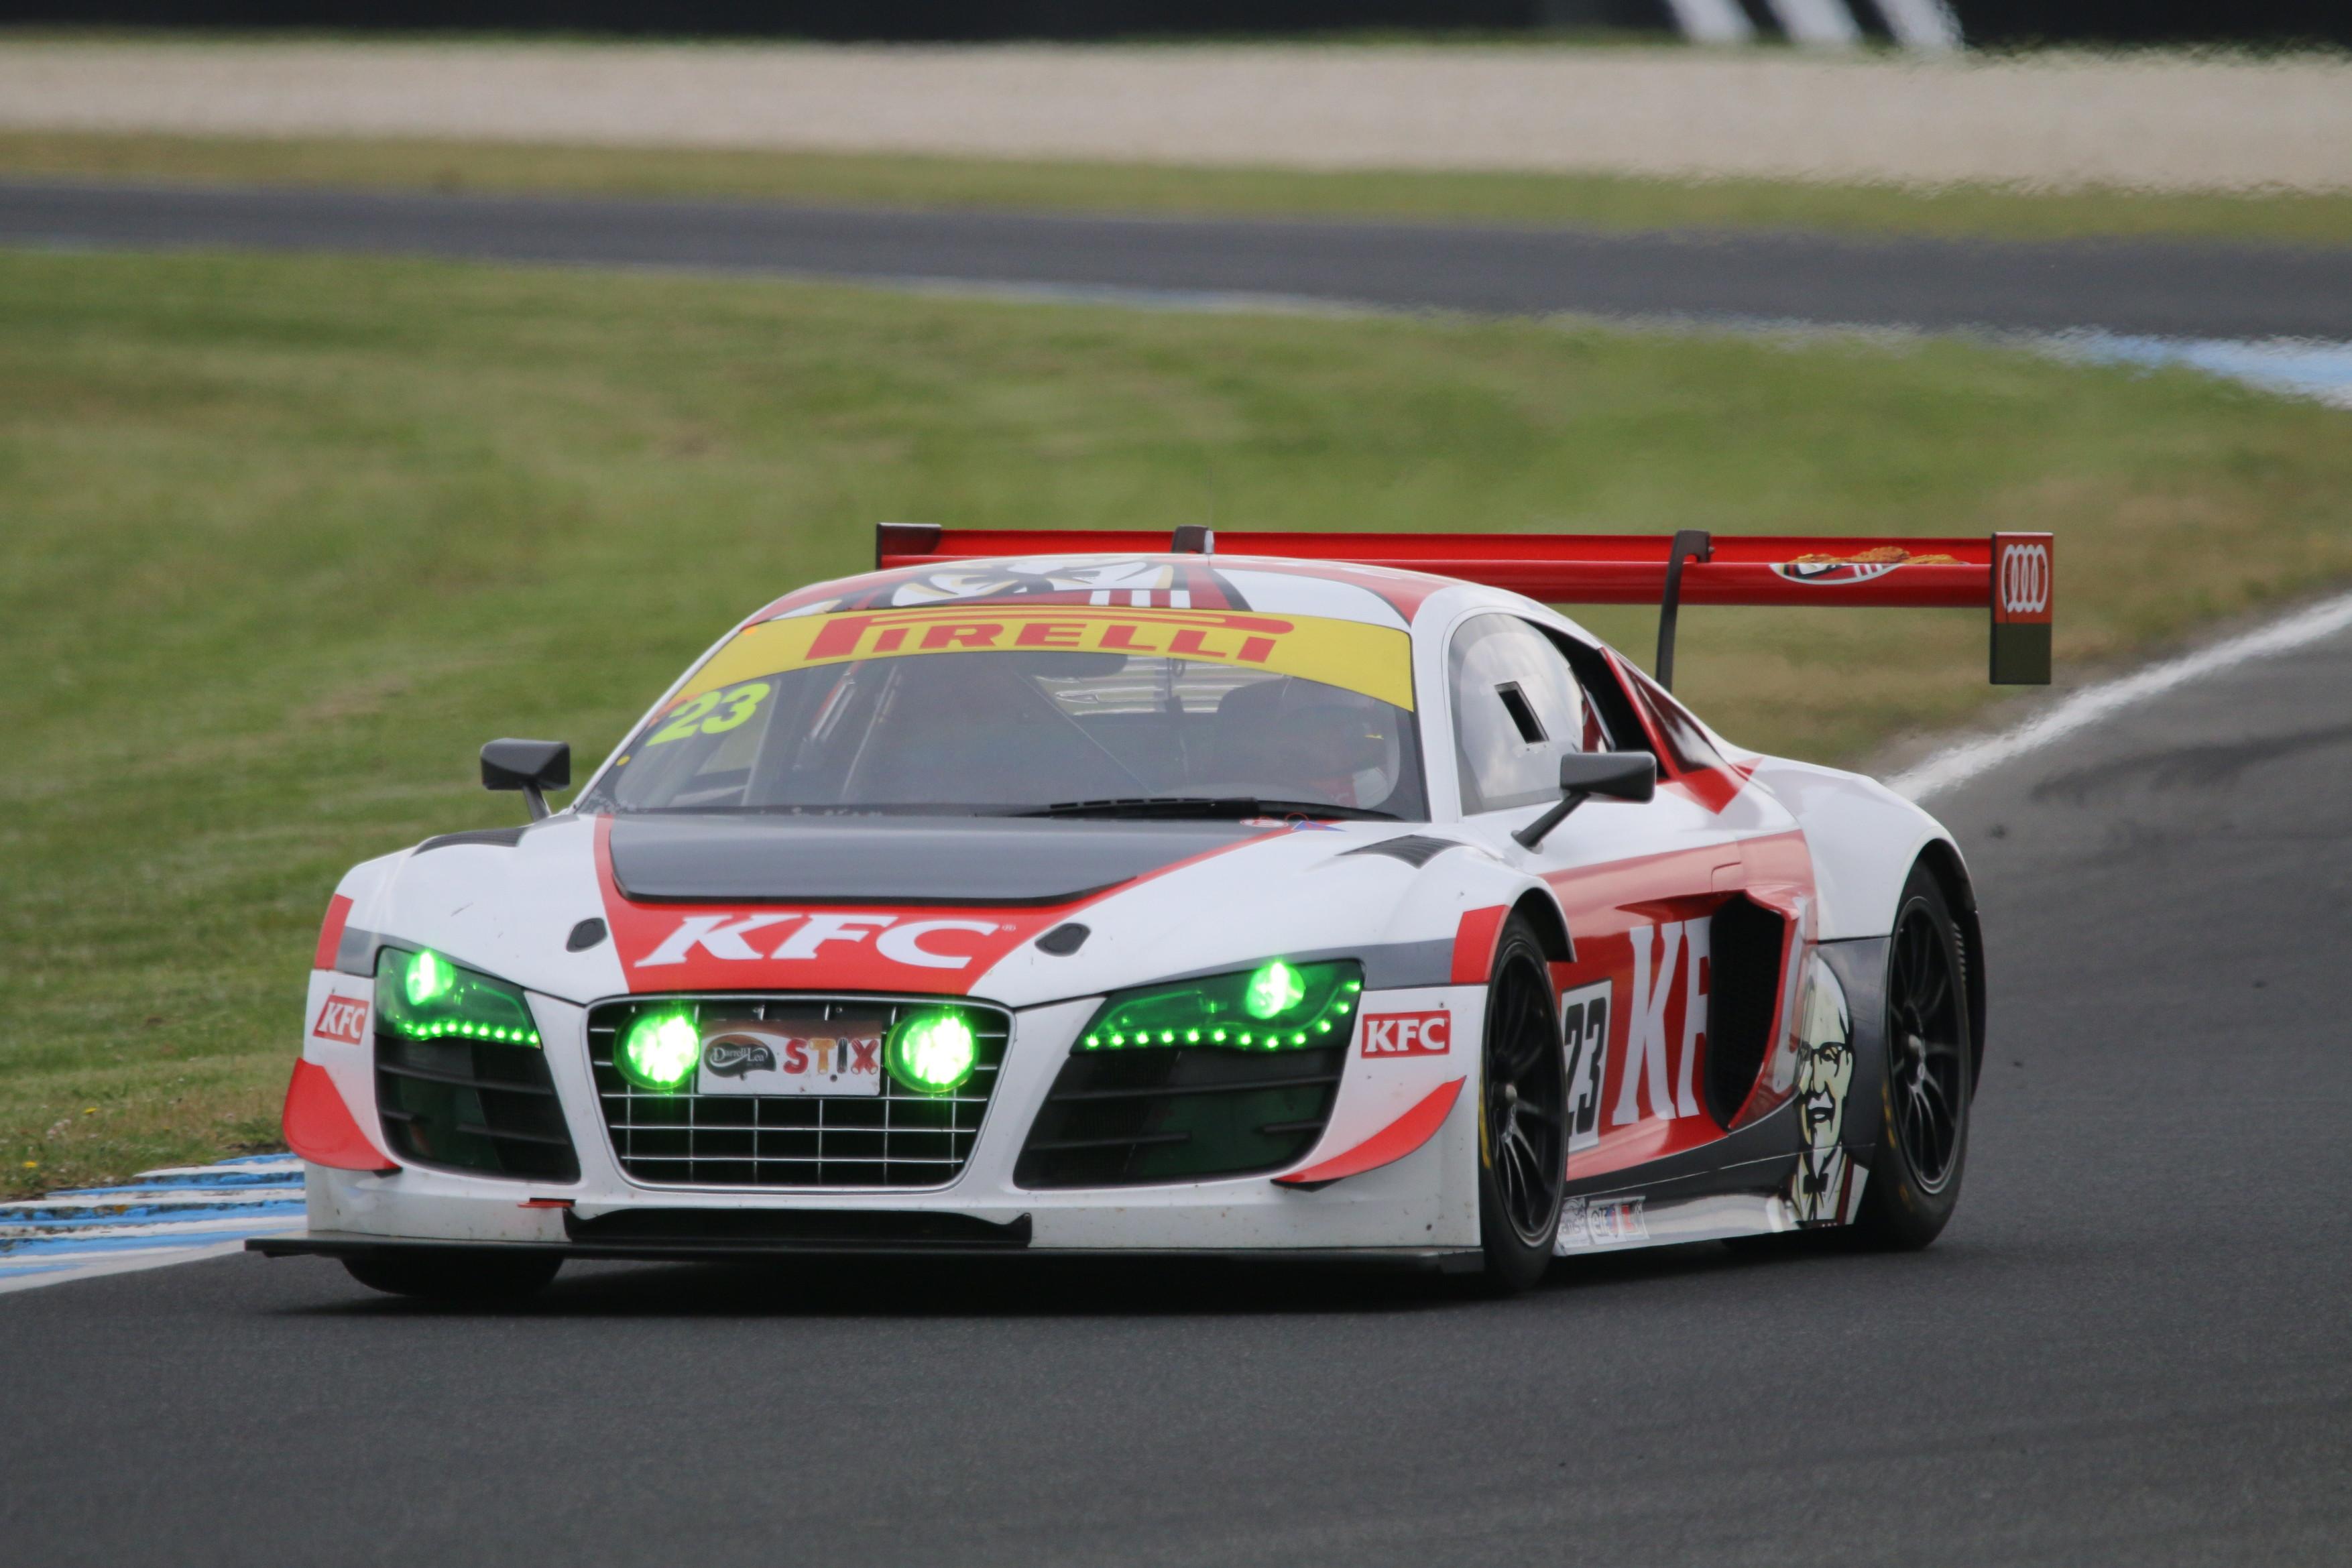 Audi R8 LMS #23 (KFC), Matt Stoupas